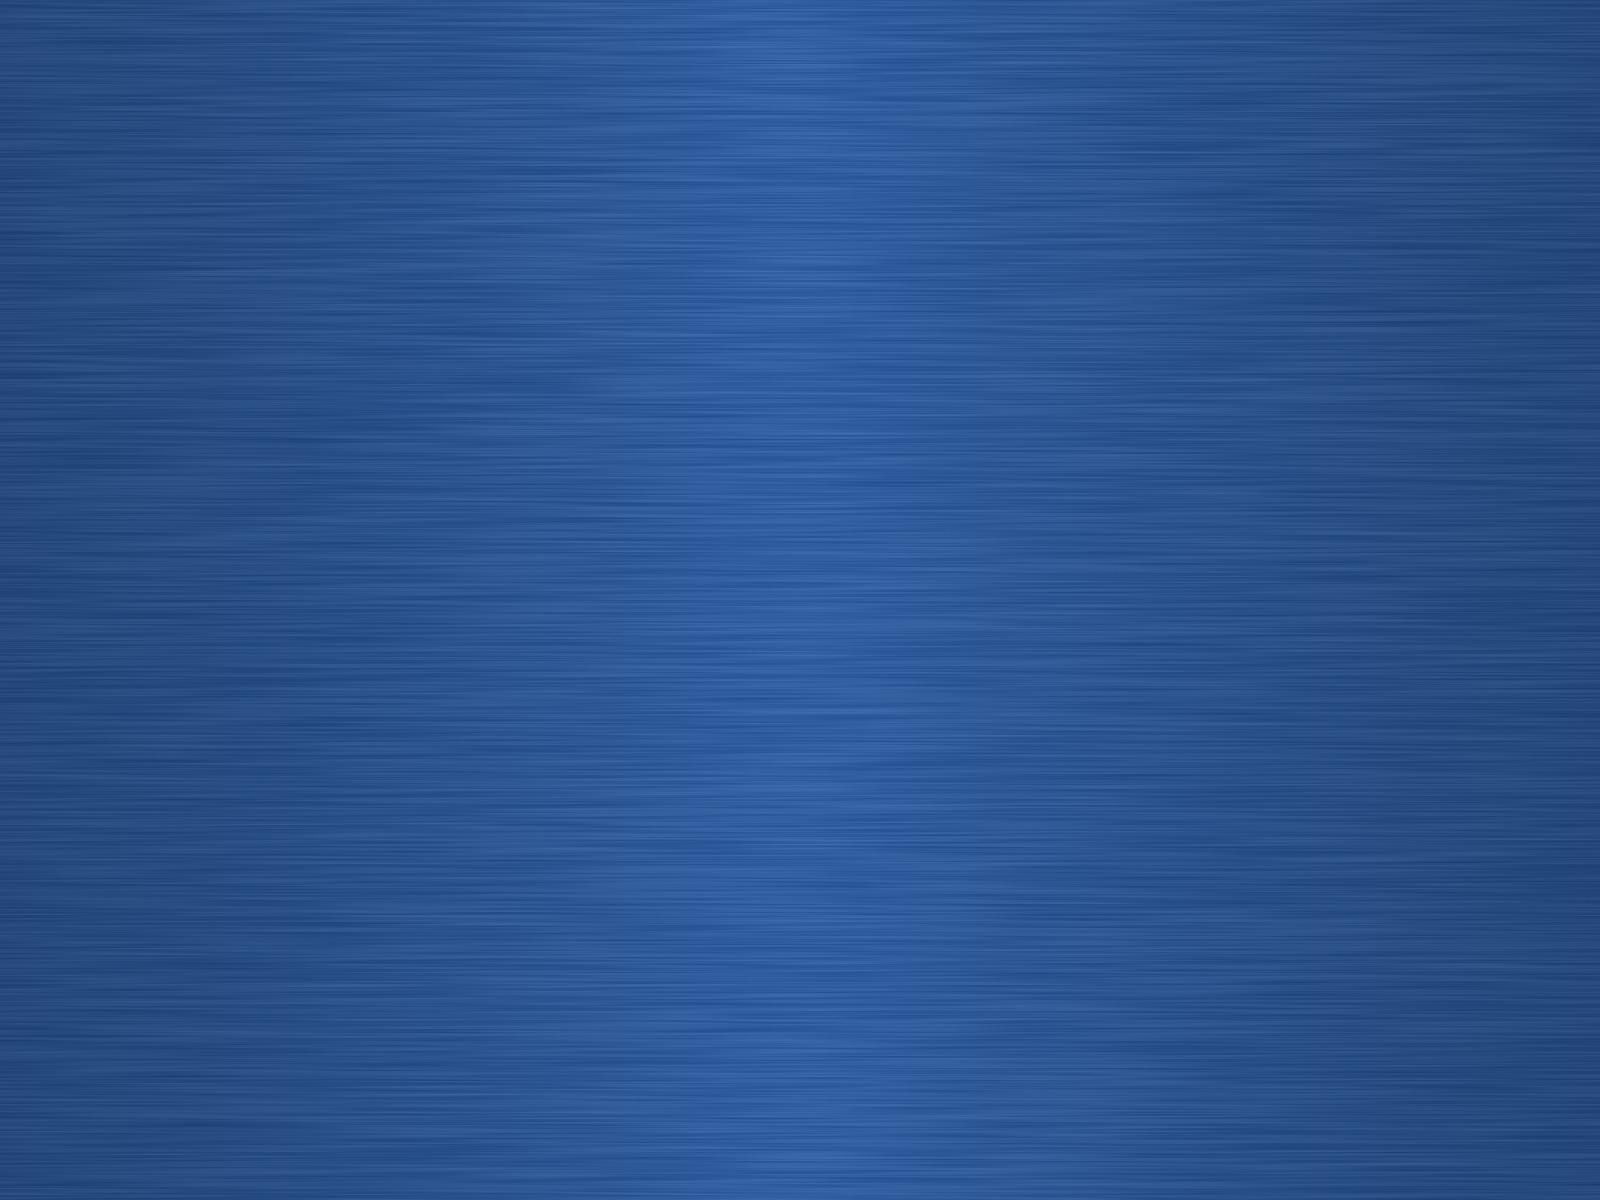 Brushed Metal Blue | Wallpaper | Galerie | MacTechNews.de